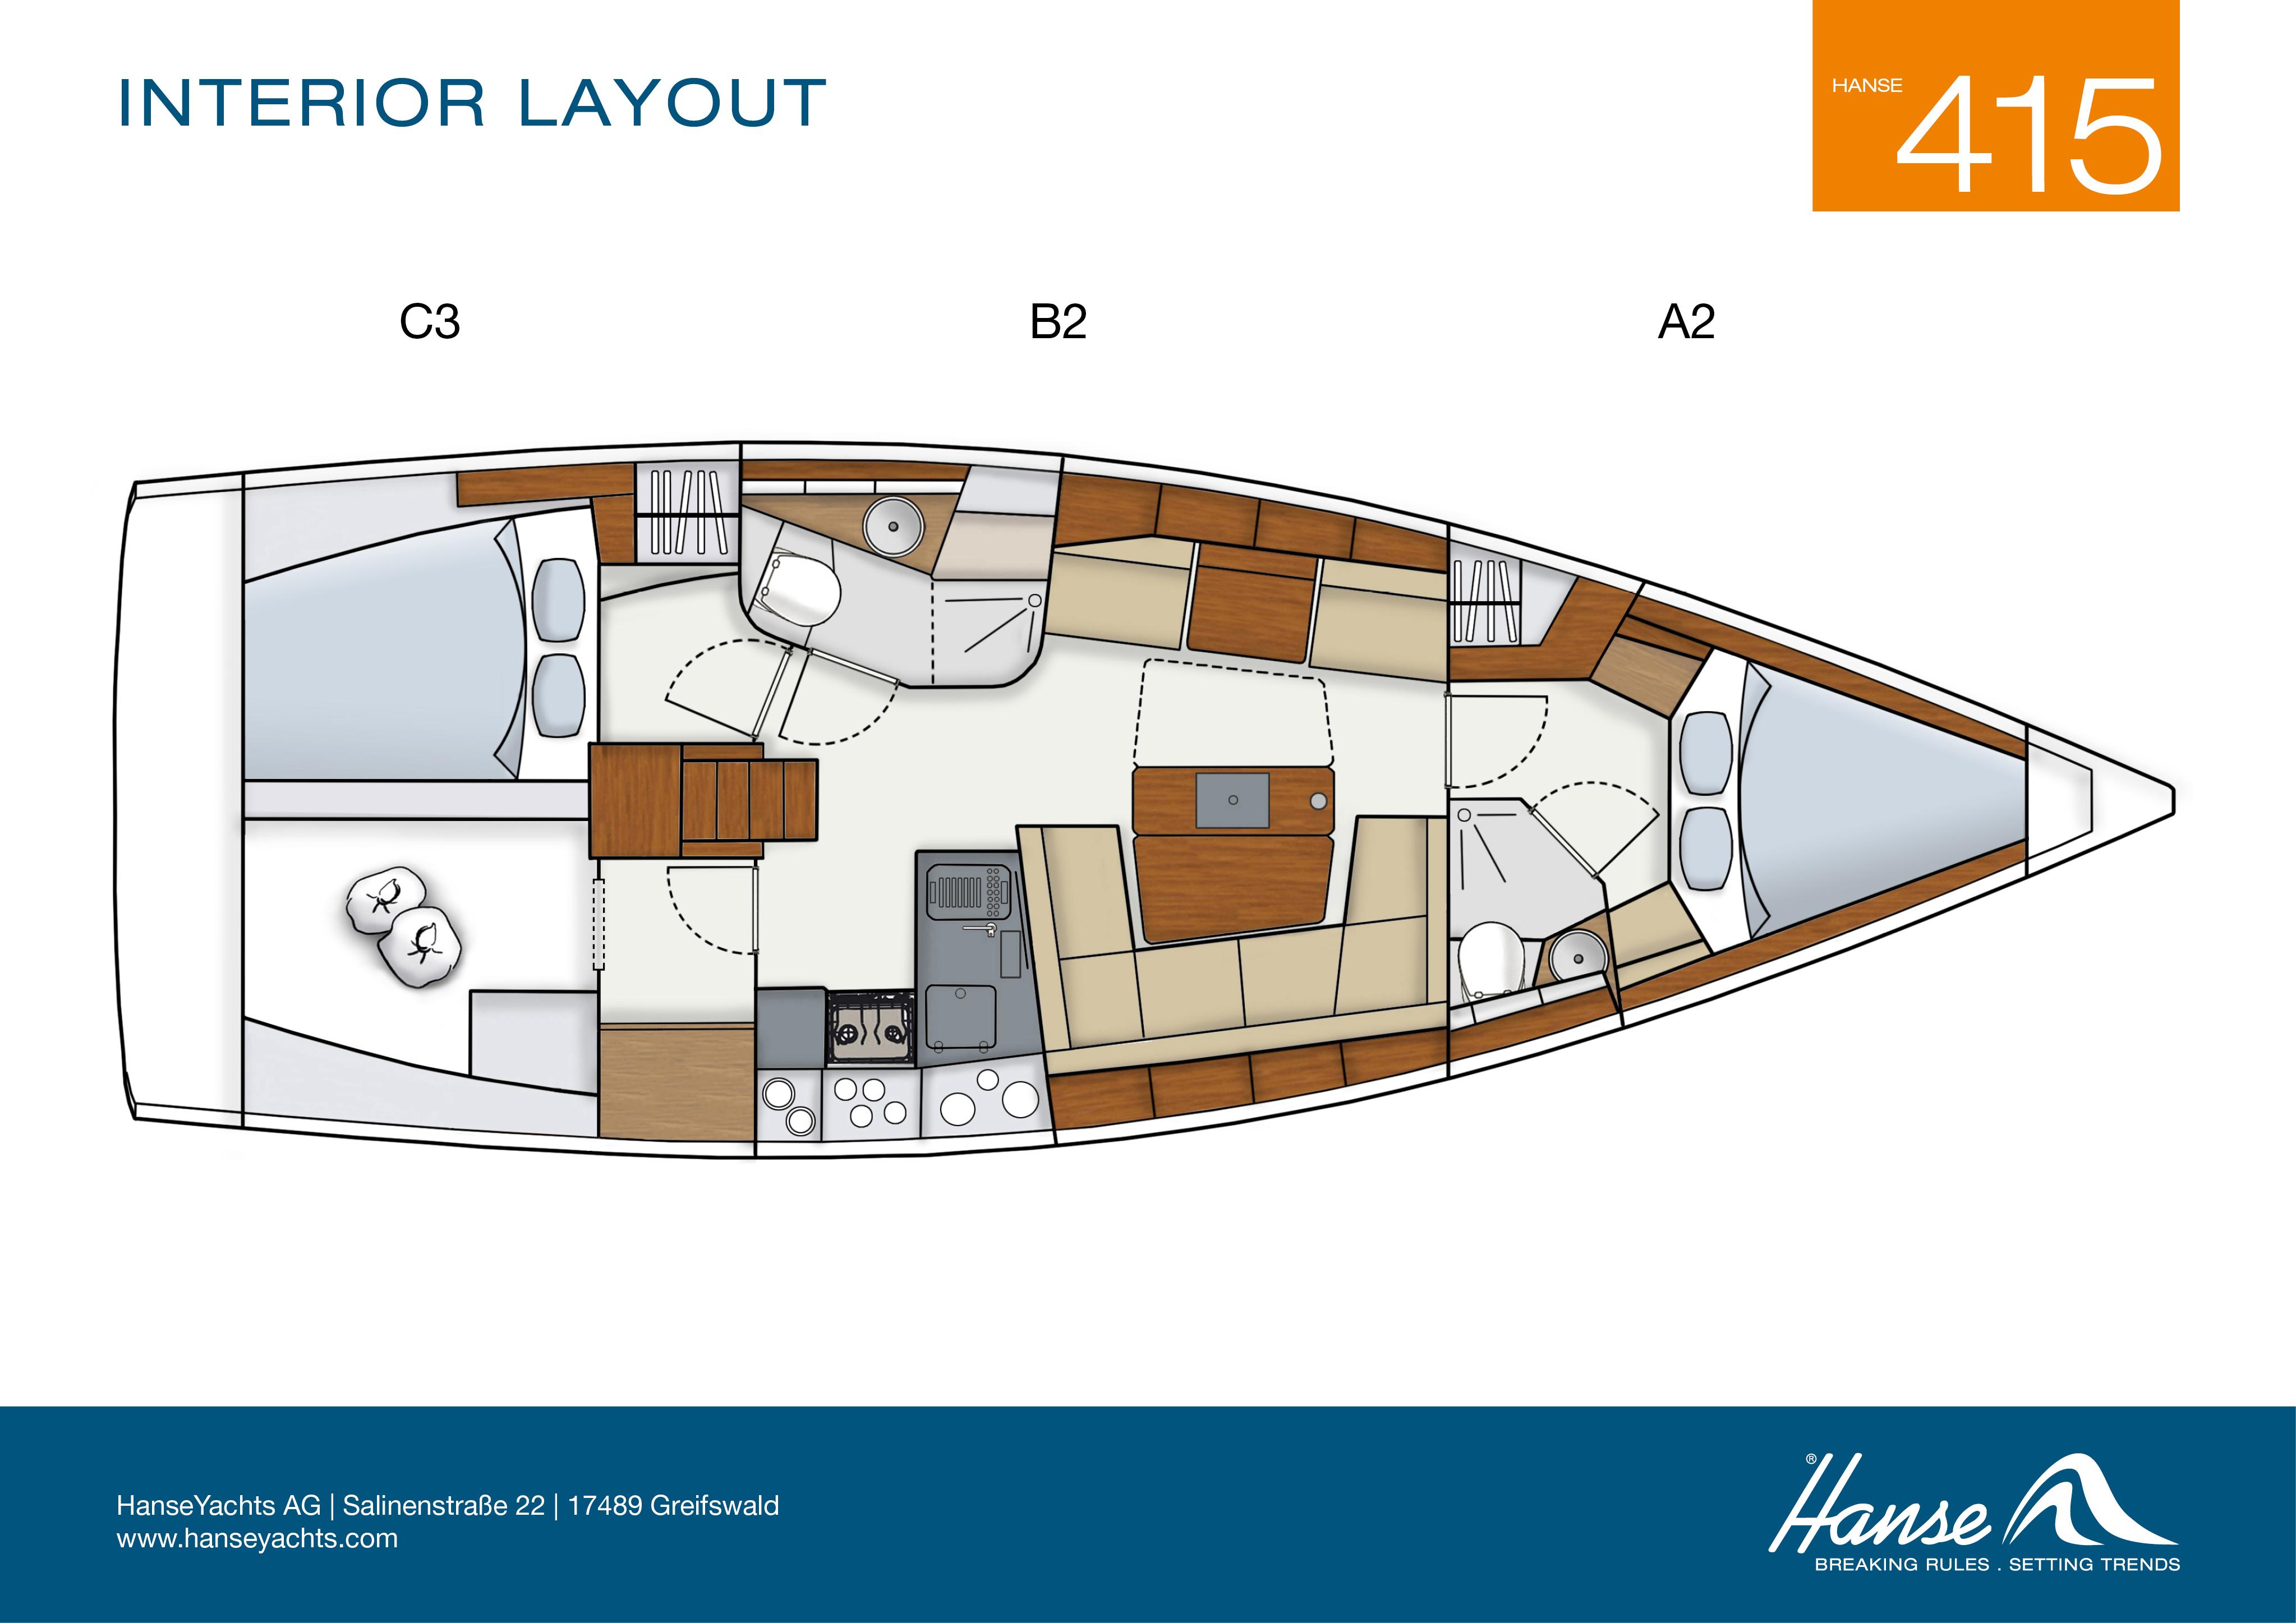 Hanse  - layout-hanse-415-268369.jpg